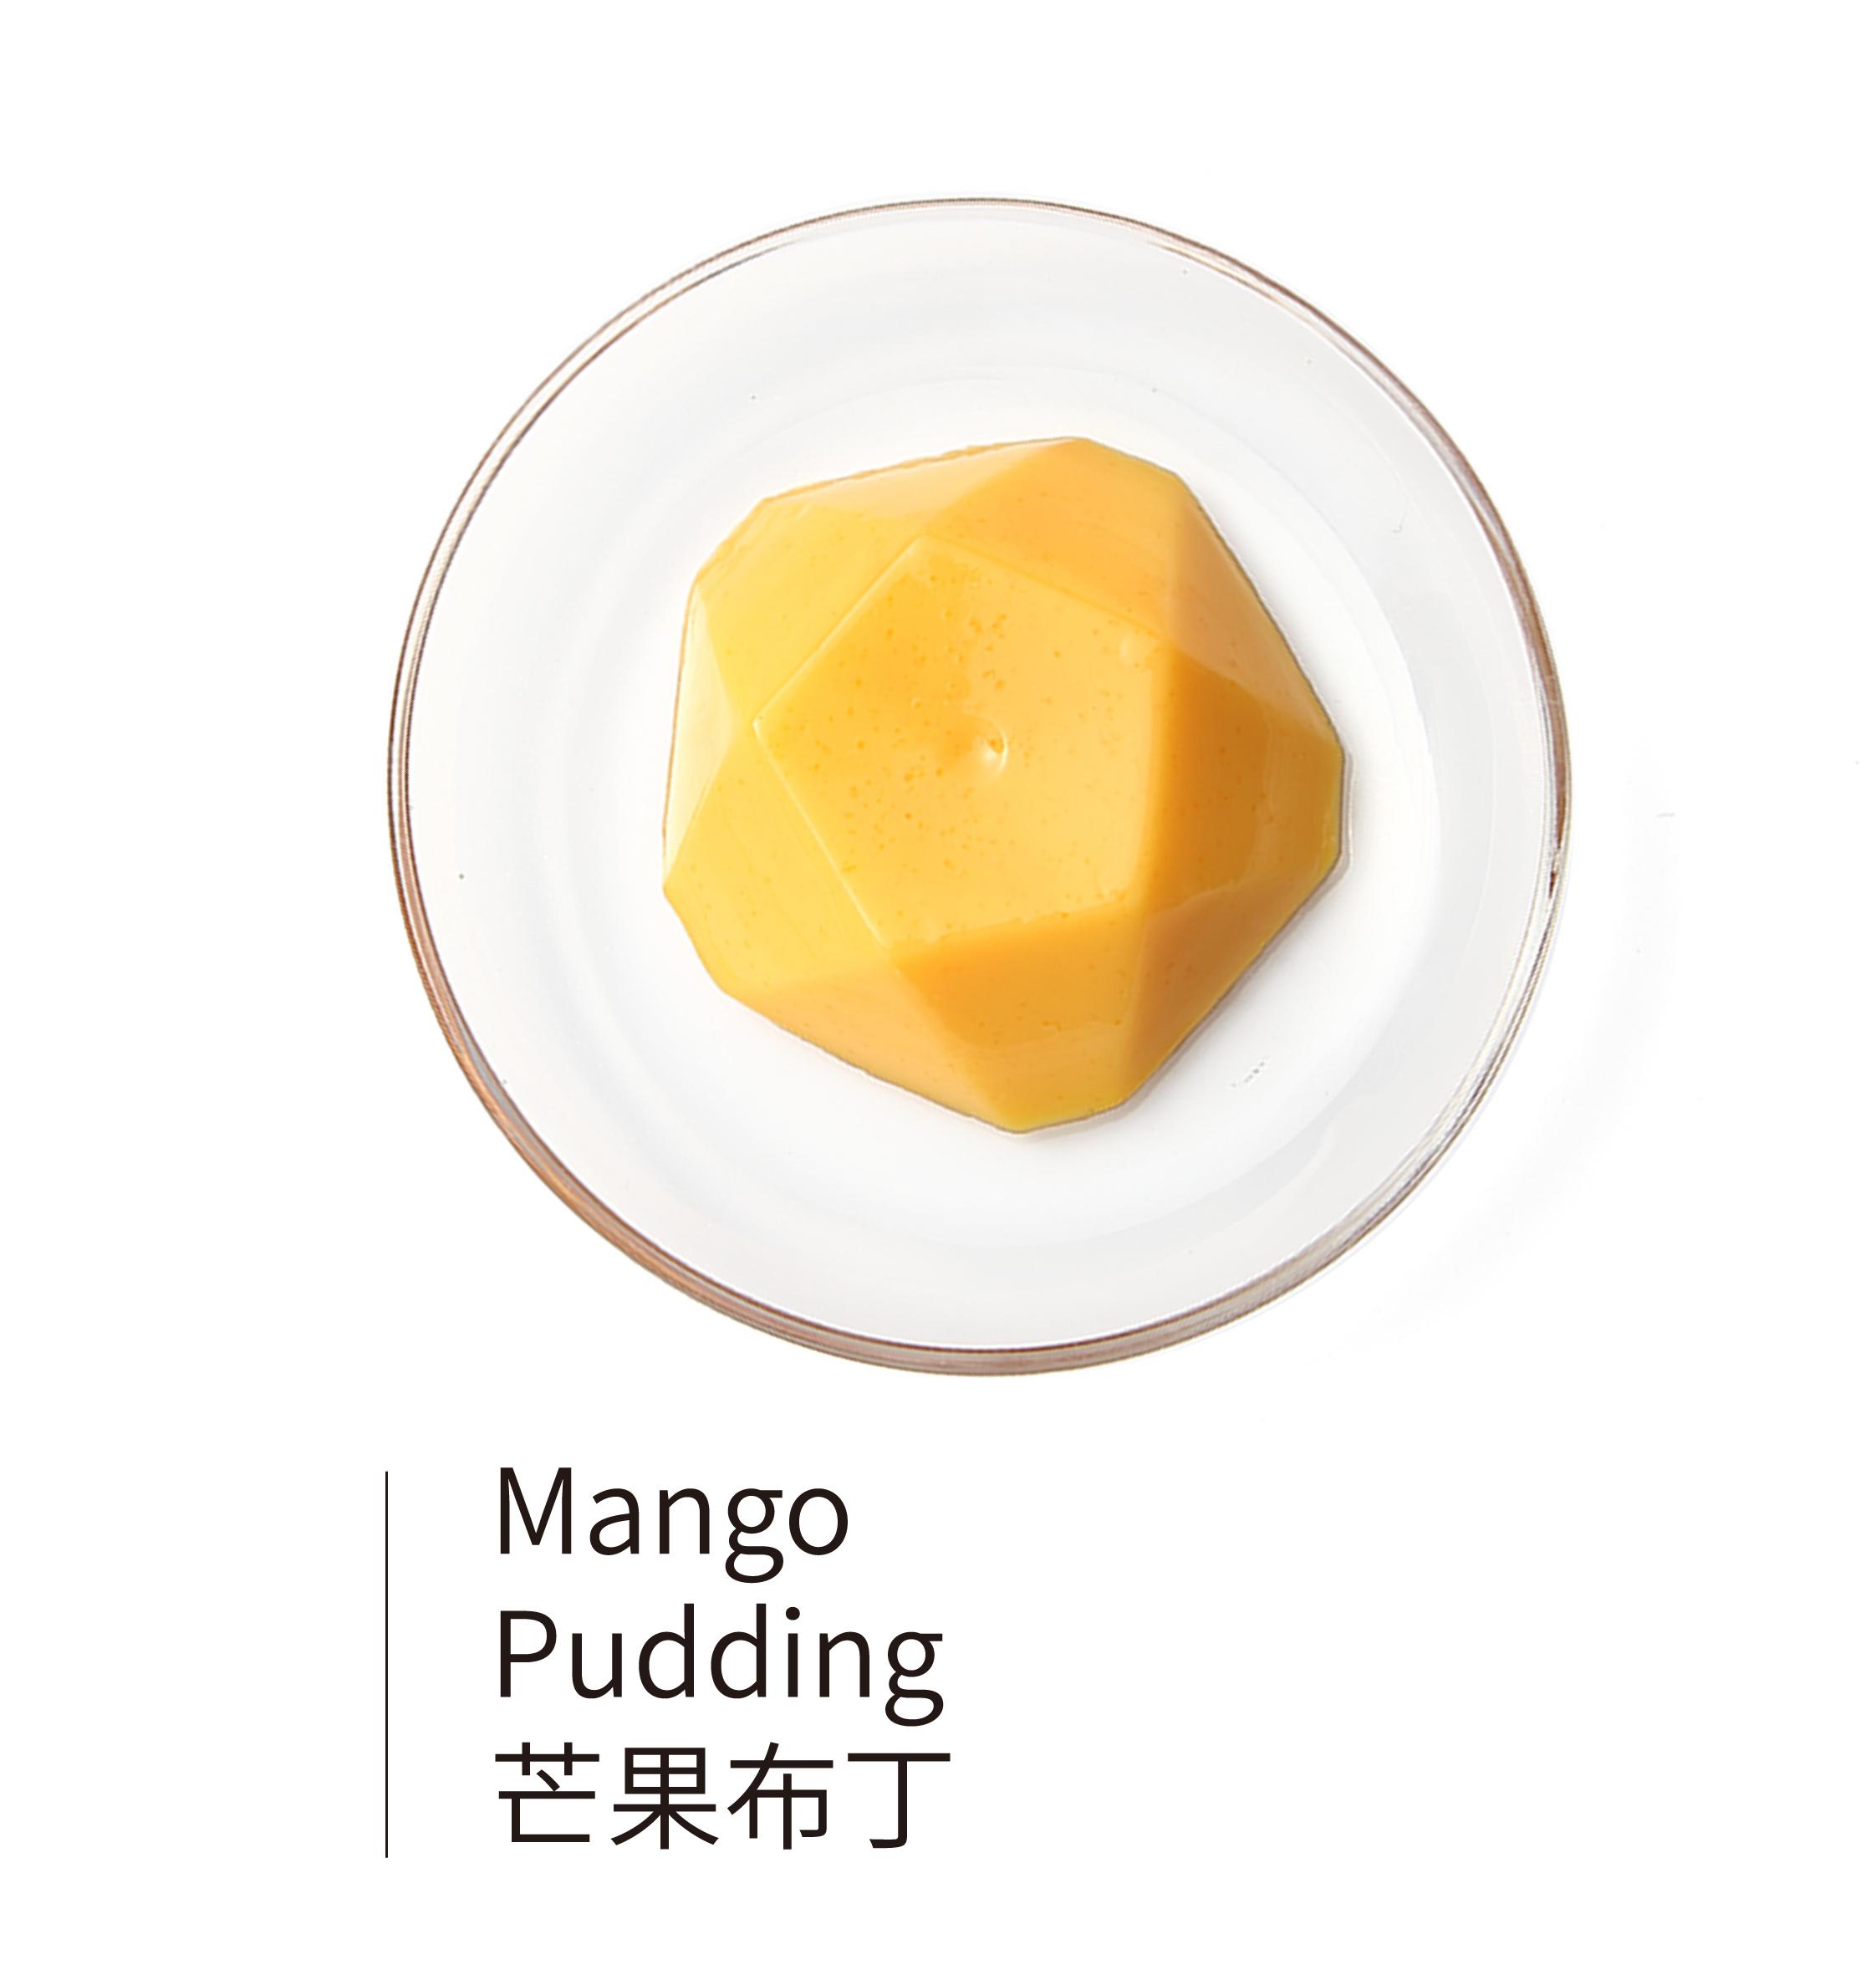 中文芒果布丁